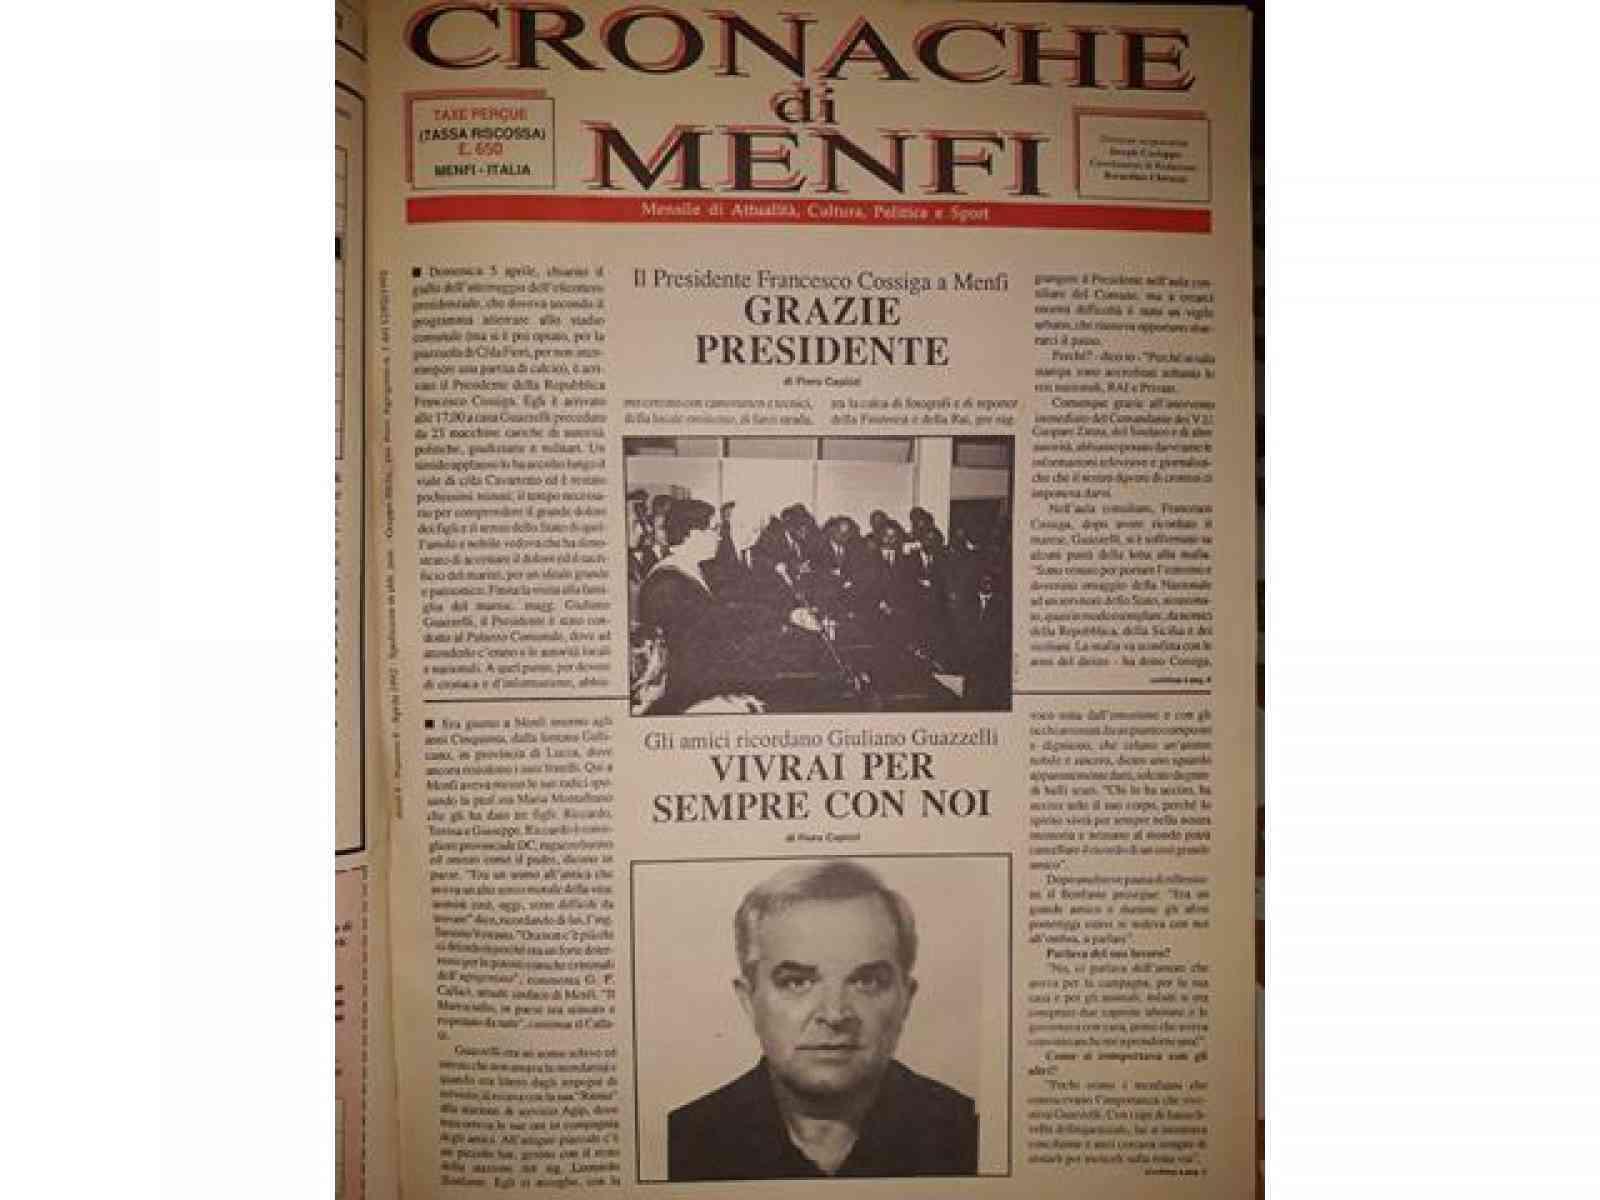 L'uccisione di Giuliano Guazzelli in un articolo storico